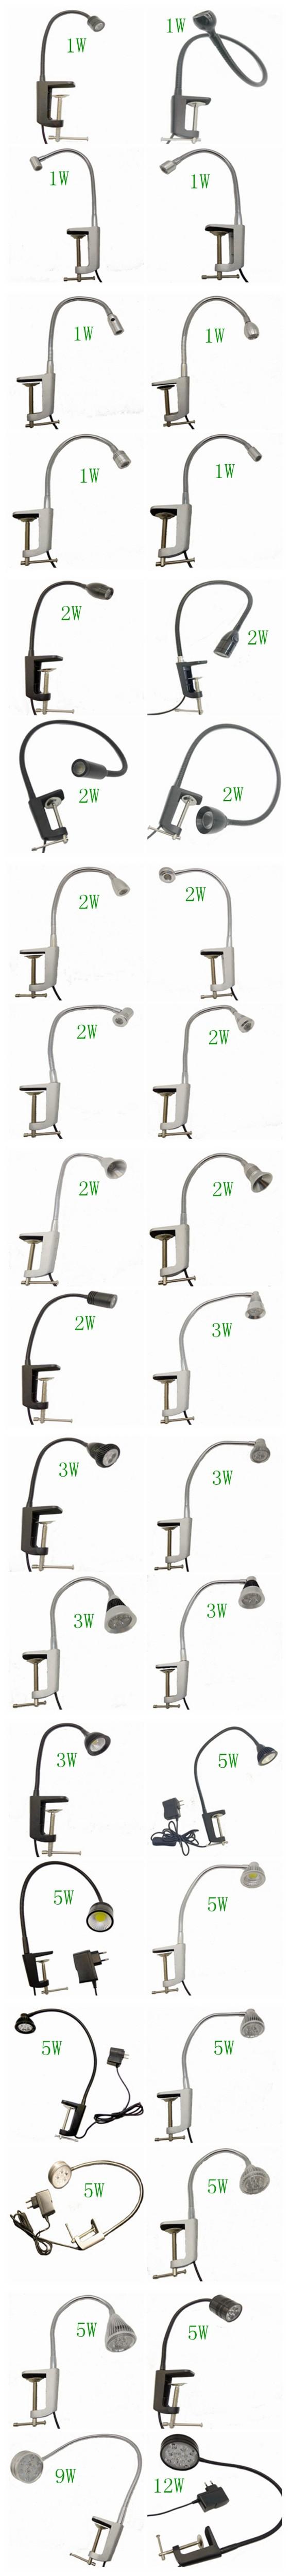 flexible clamp led light